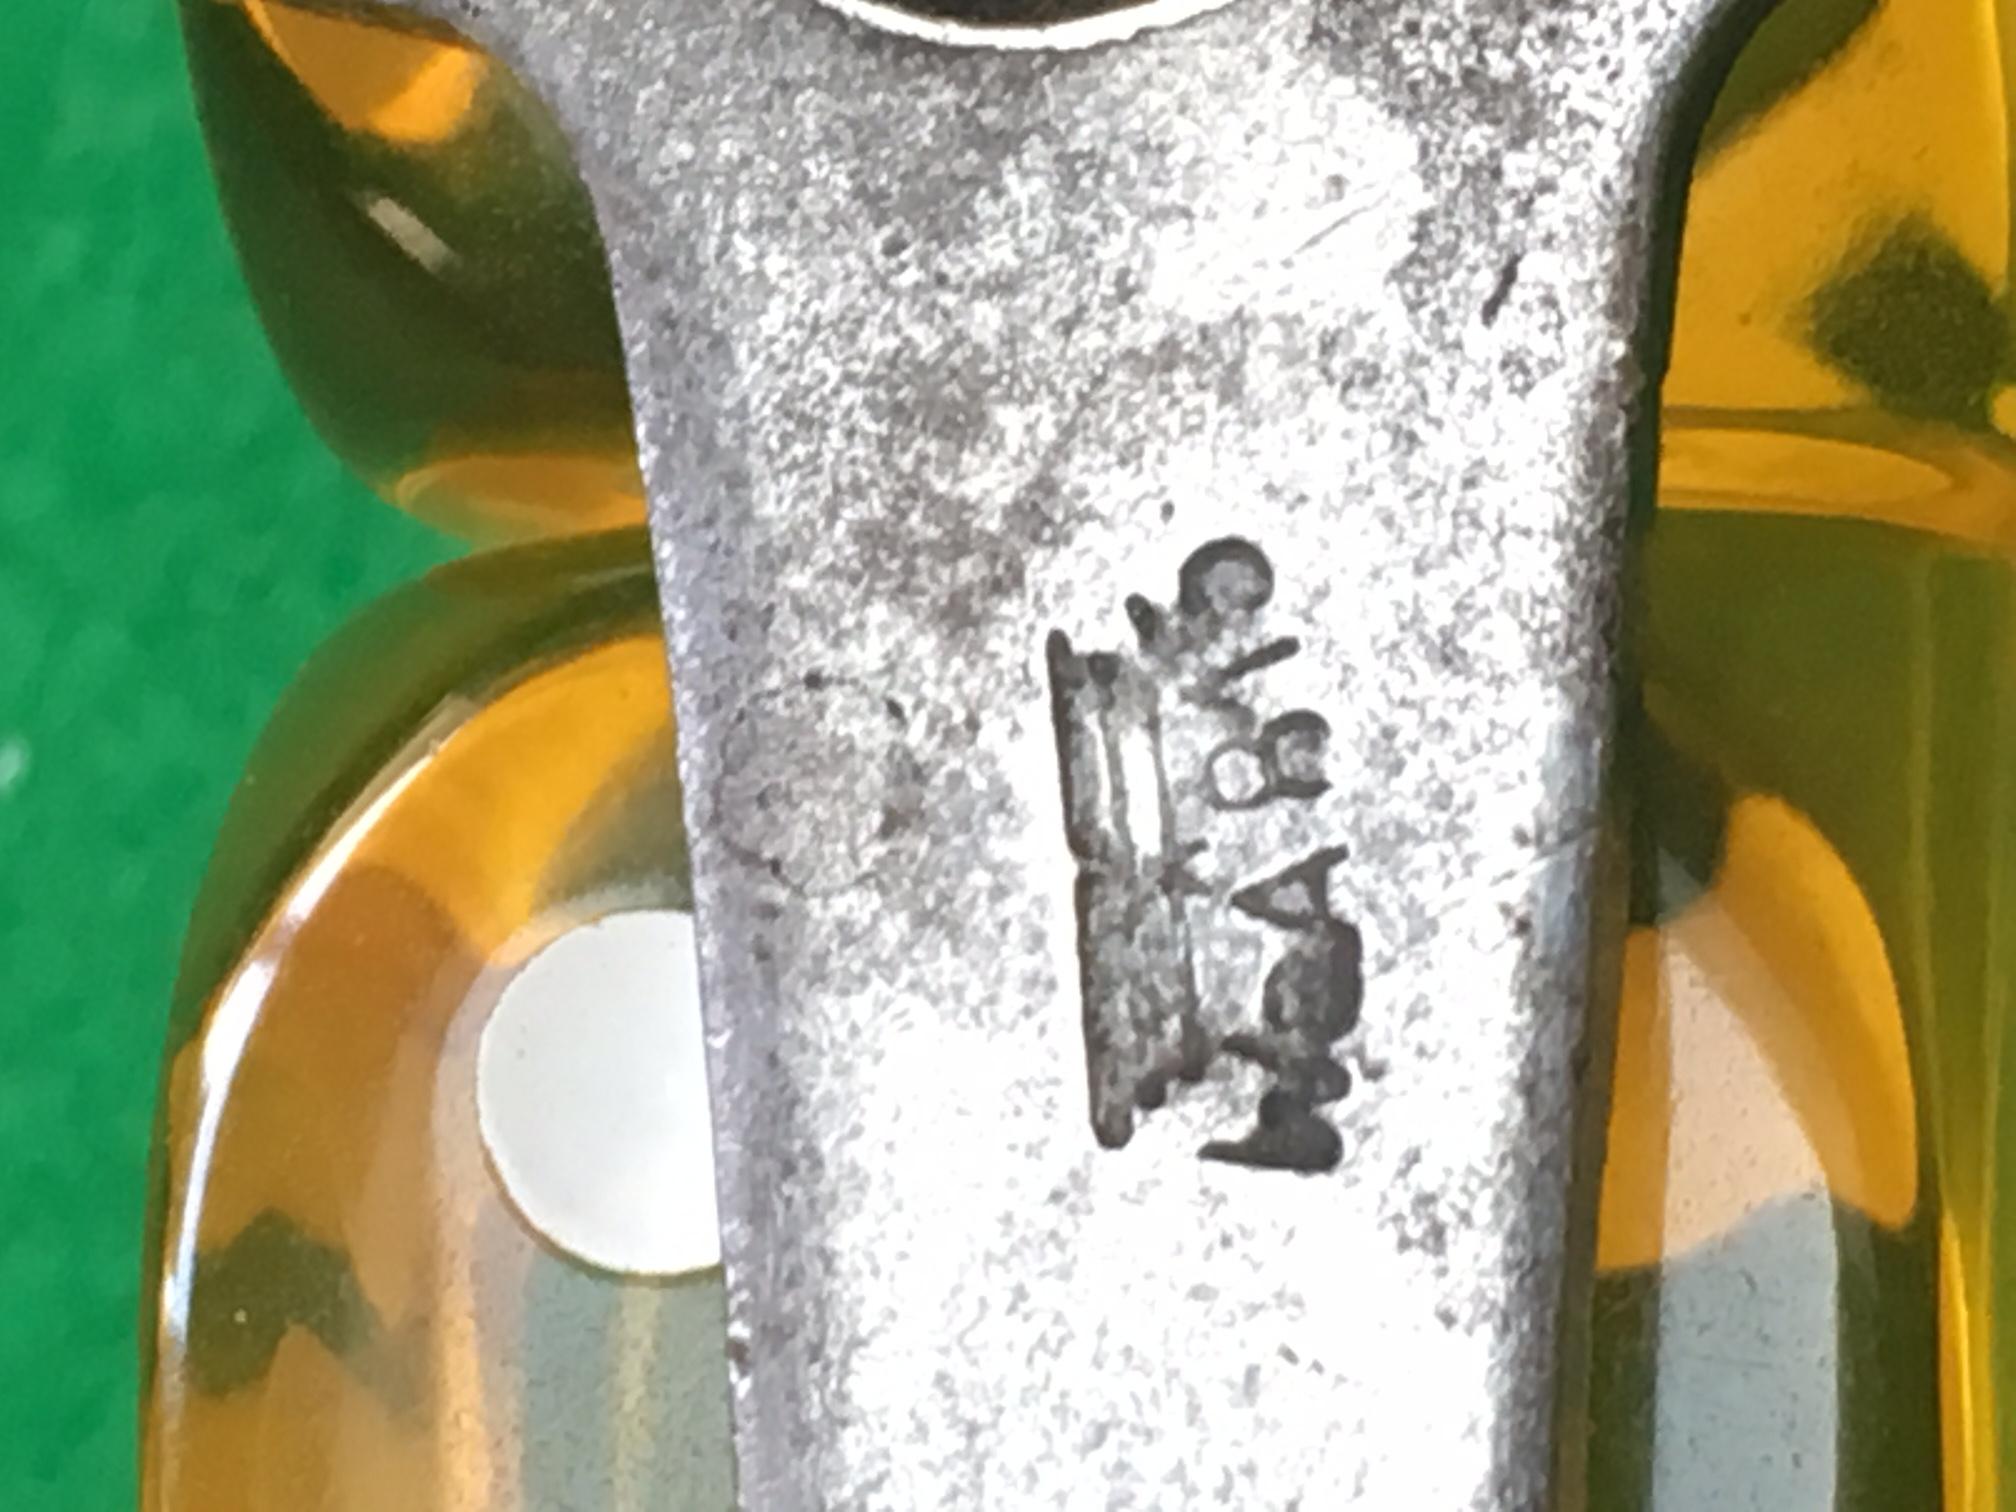 Les petits outils pour les P 08 de l'armée allemande de 1934 à 1942. 180314121041222445